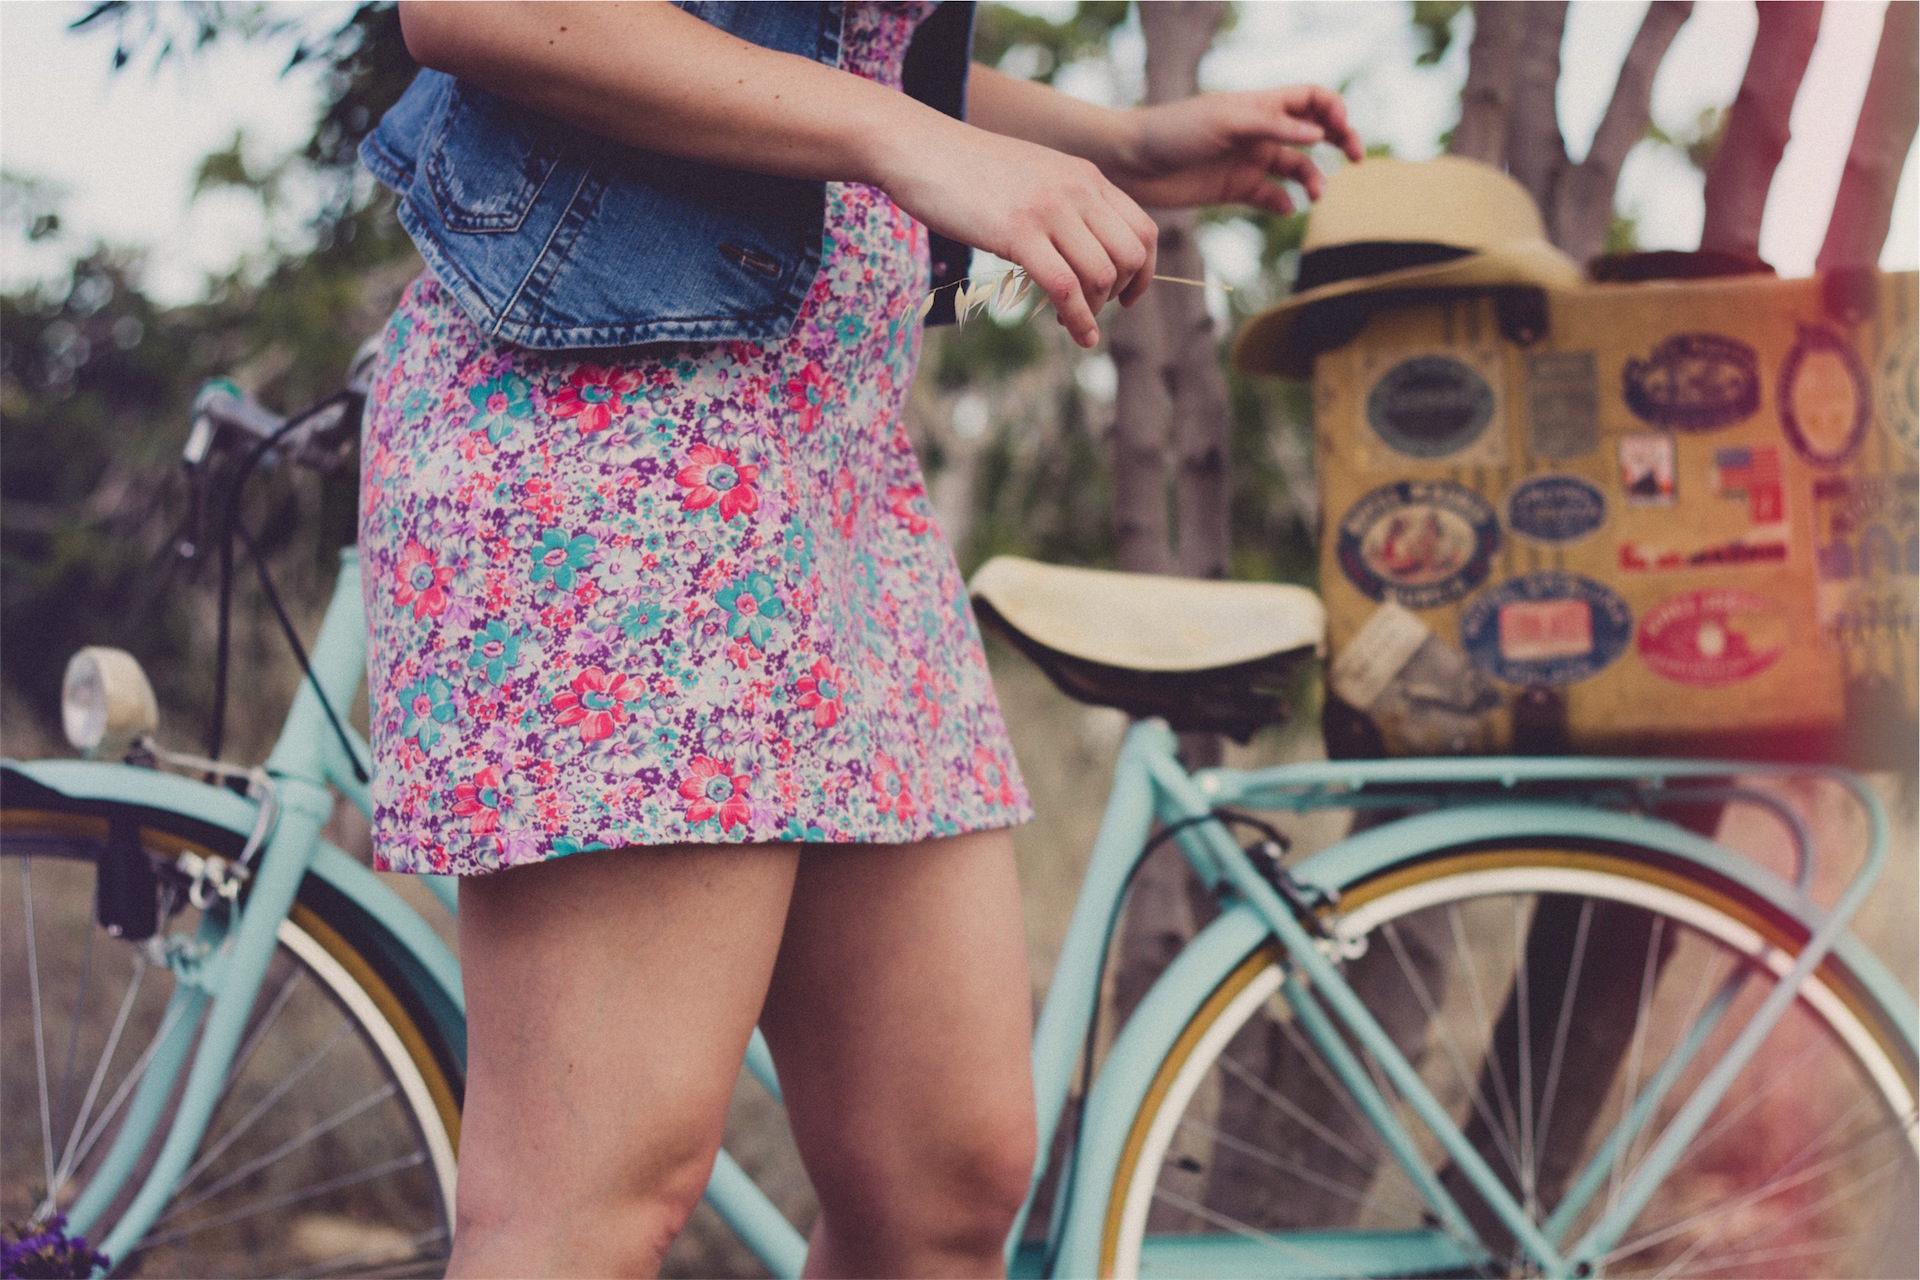 mulher, bicicleta, Saia, caixa, Chapéu - Papéis de parede HD - Professor-falken.com